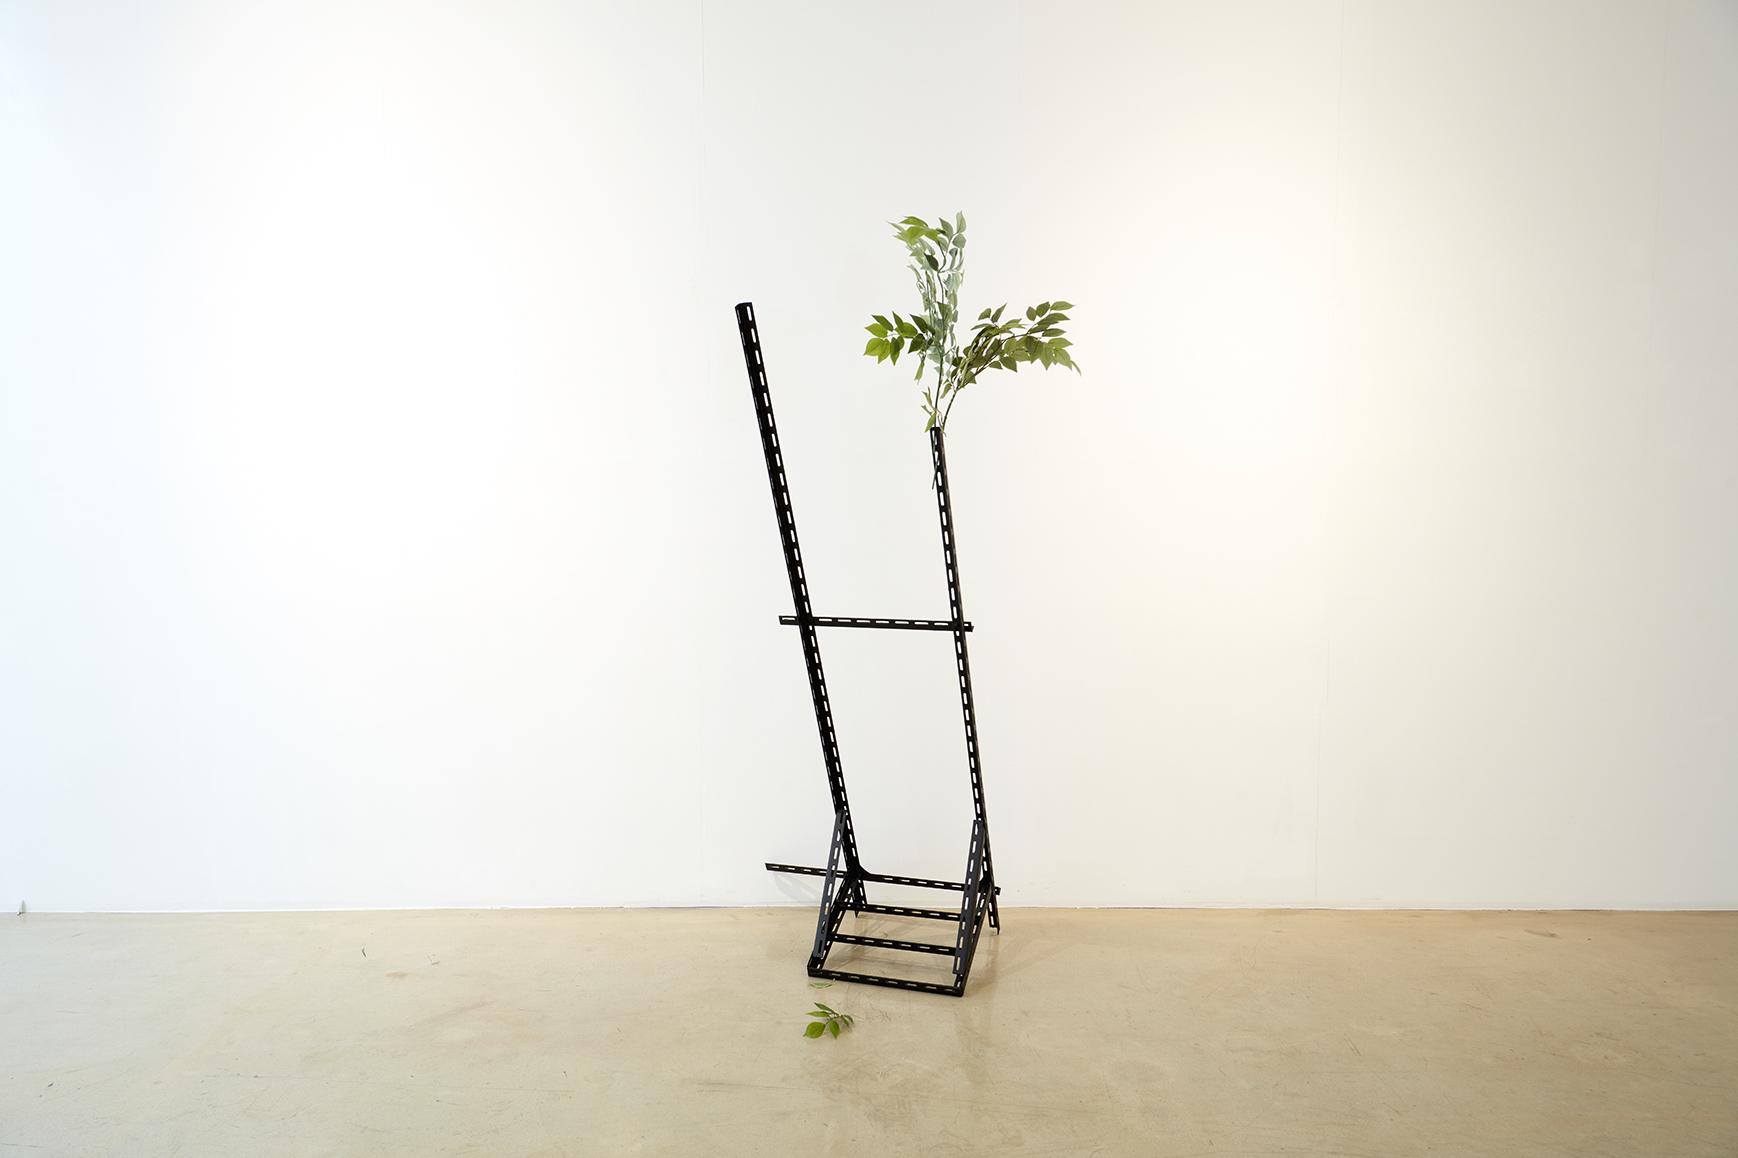 권경환, 티비 다이 TV shelf, L자 철근, 나사, 방부 페인트, 나무, 180x70x48cm, 2016